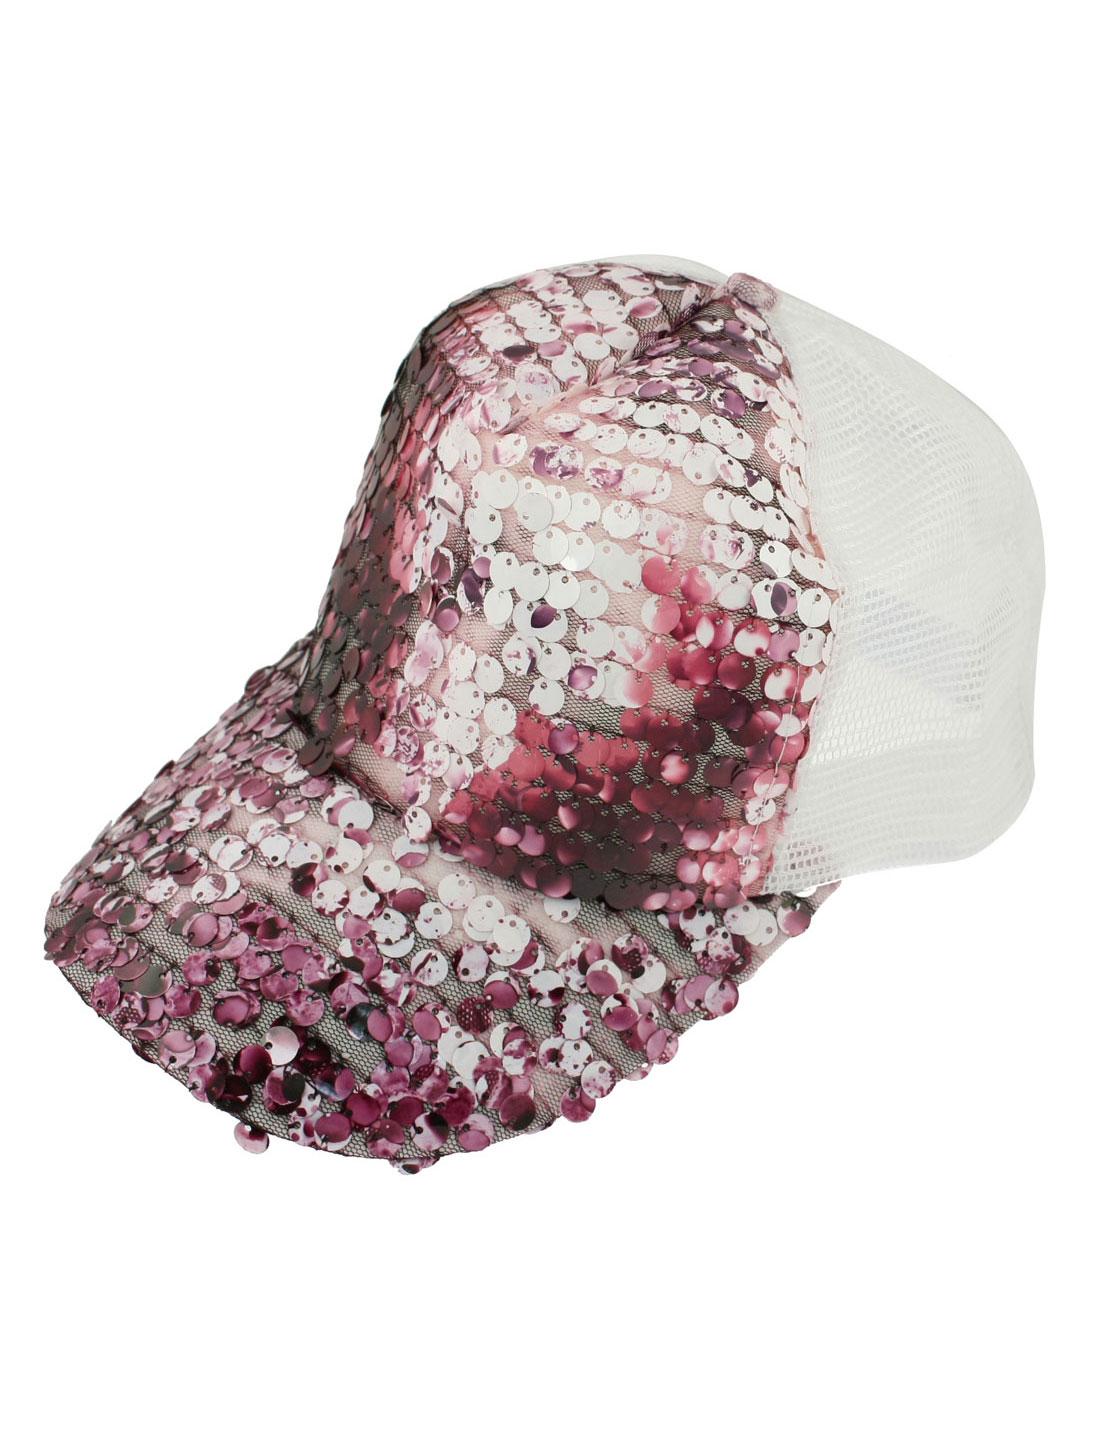 Amranth Glittery Sequin White Mesh Sun Visor Hat Cap for Women